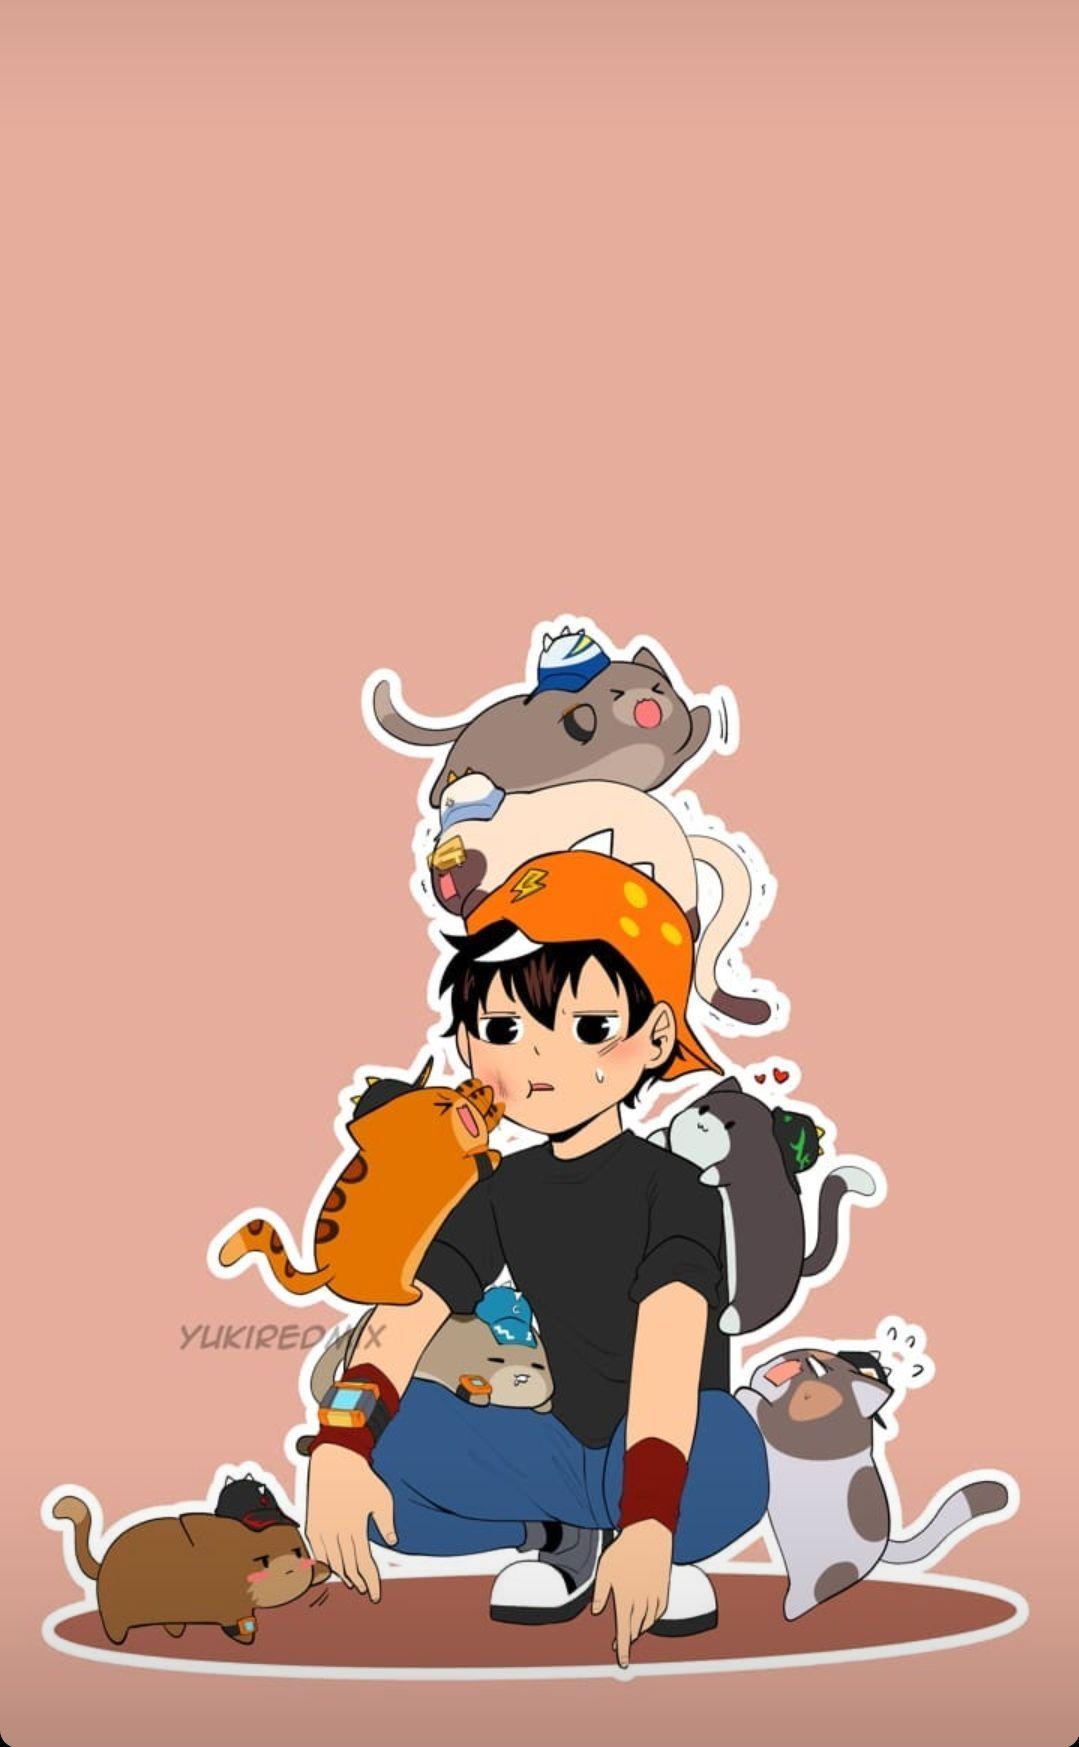 Boboiboy Elements Fandom In 2021 Boboiboy Anime Boboiboy Galaxy Anime